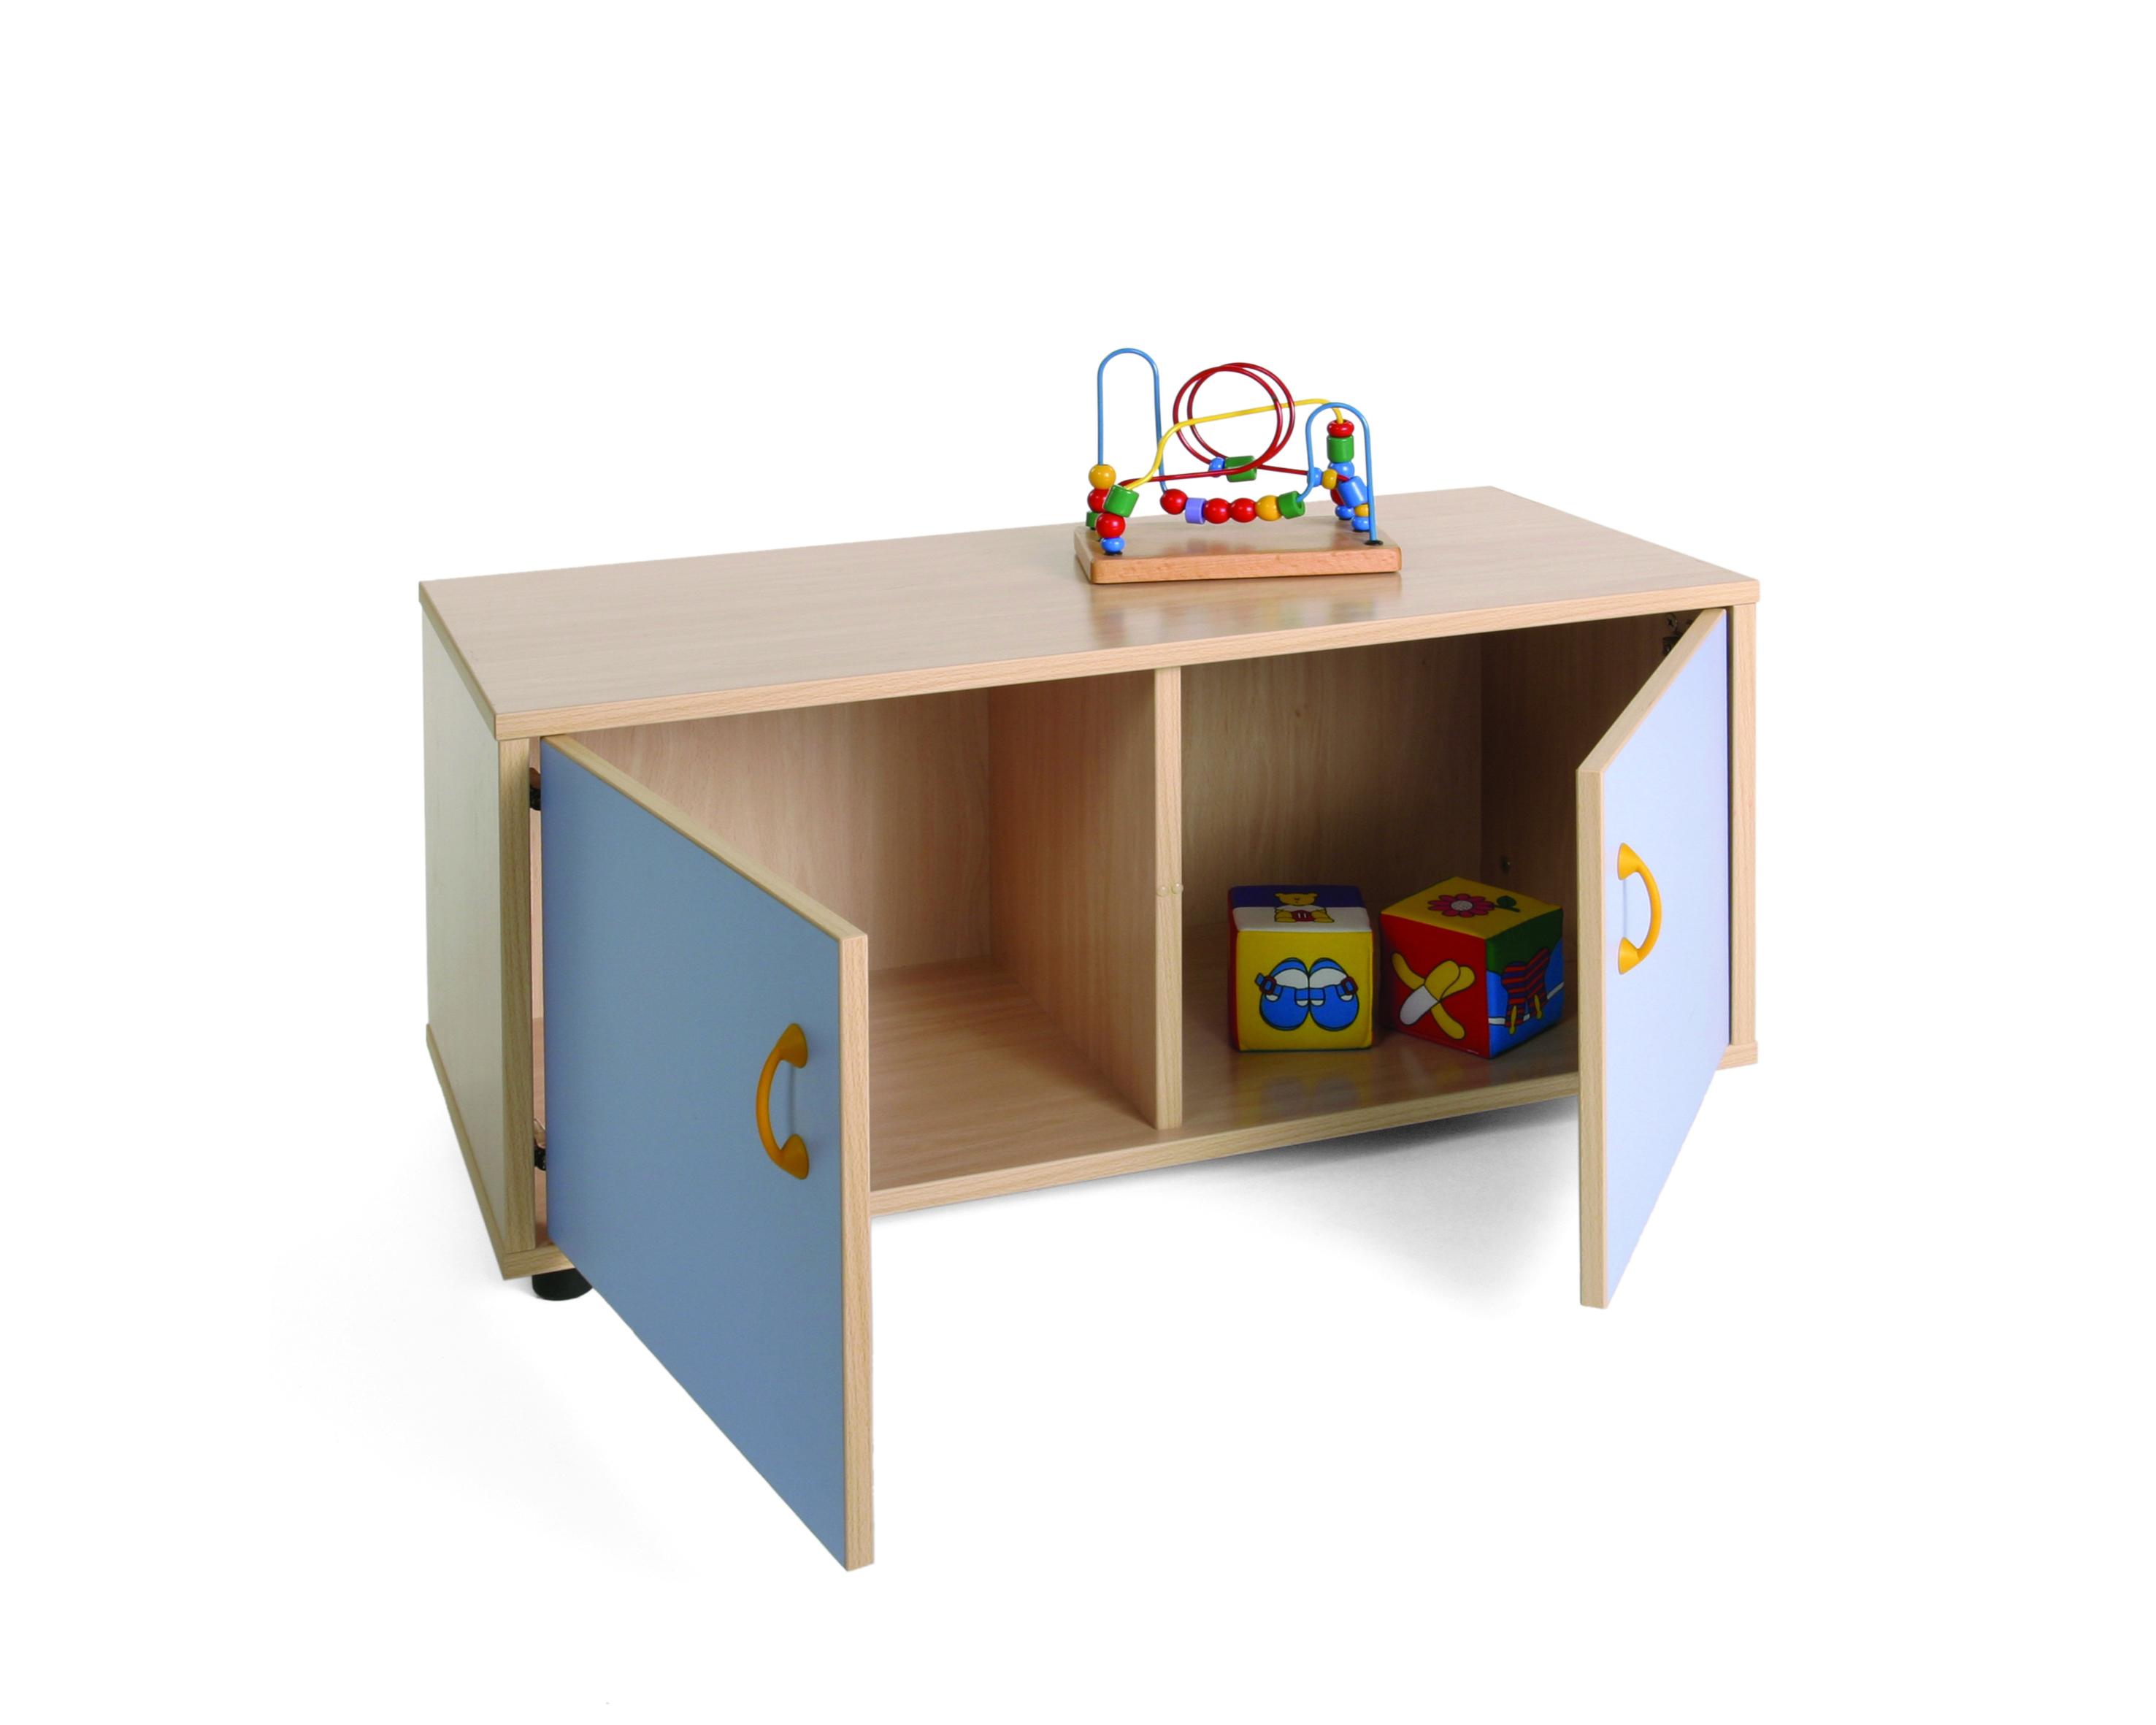 600106 mueble superbajo armario 2 casillas mobiliario escolar mobeduc - Mueble armario ...